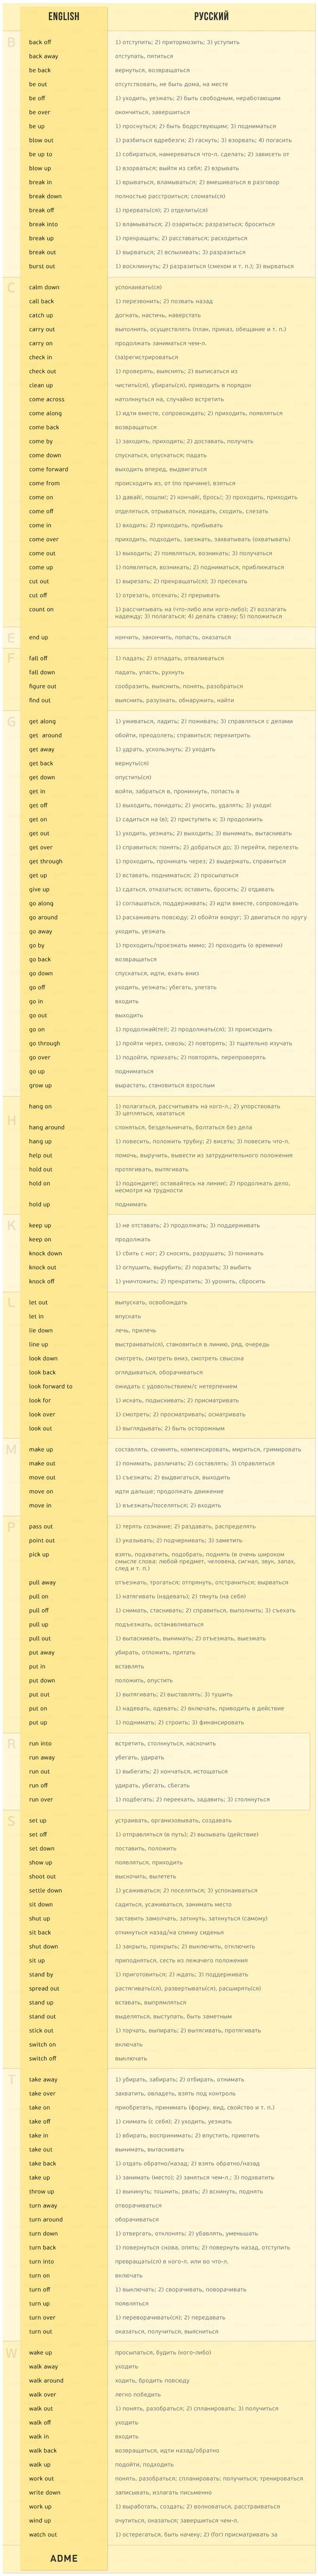 170 английских глаголов, которые пригодятся в любом разговоре